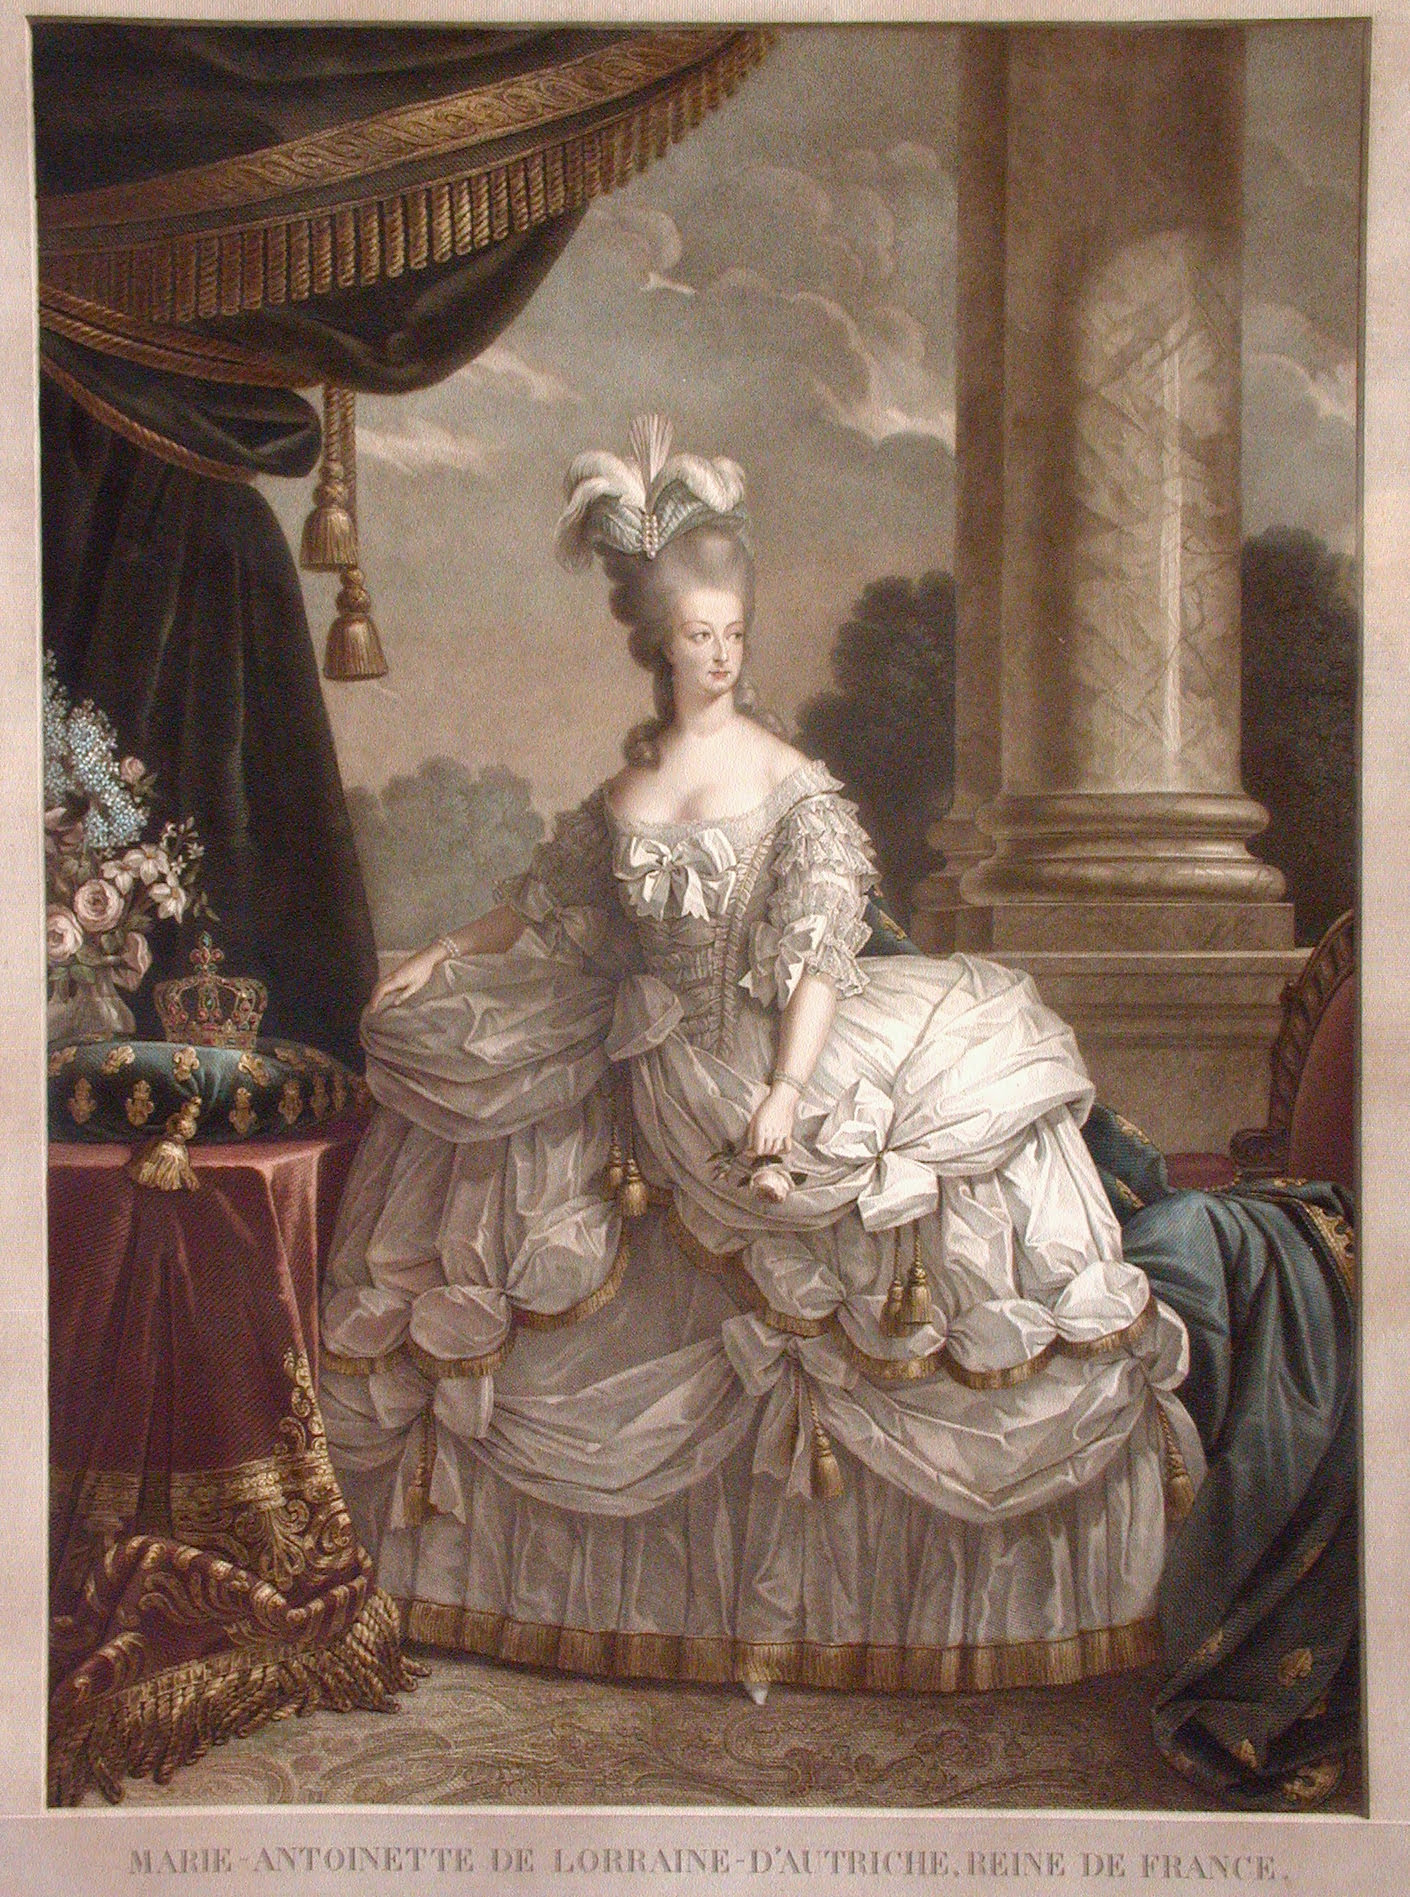 Бартелеми Р. Портрет Марии Антуанетты, последней французской королевы. Конец XVIII века. Вологодская картинная галерея